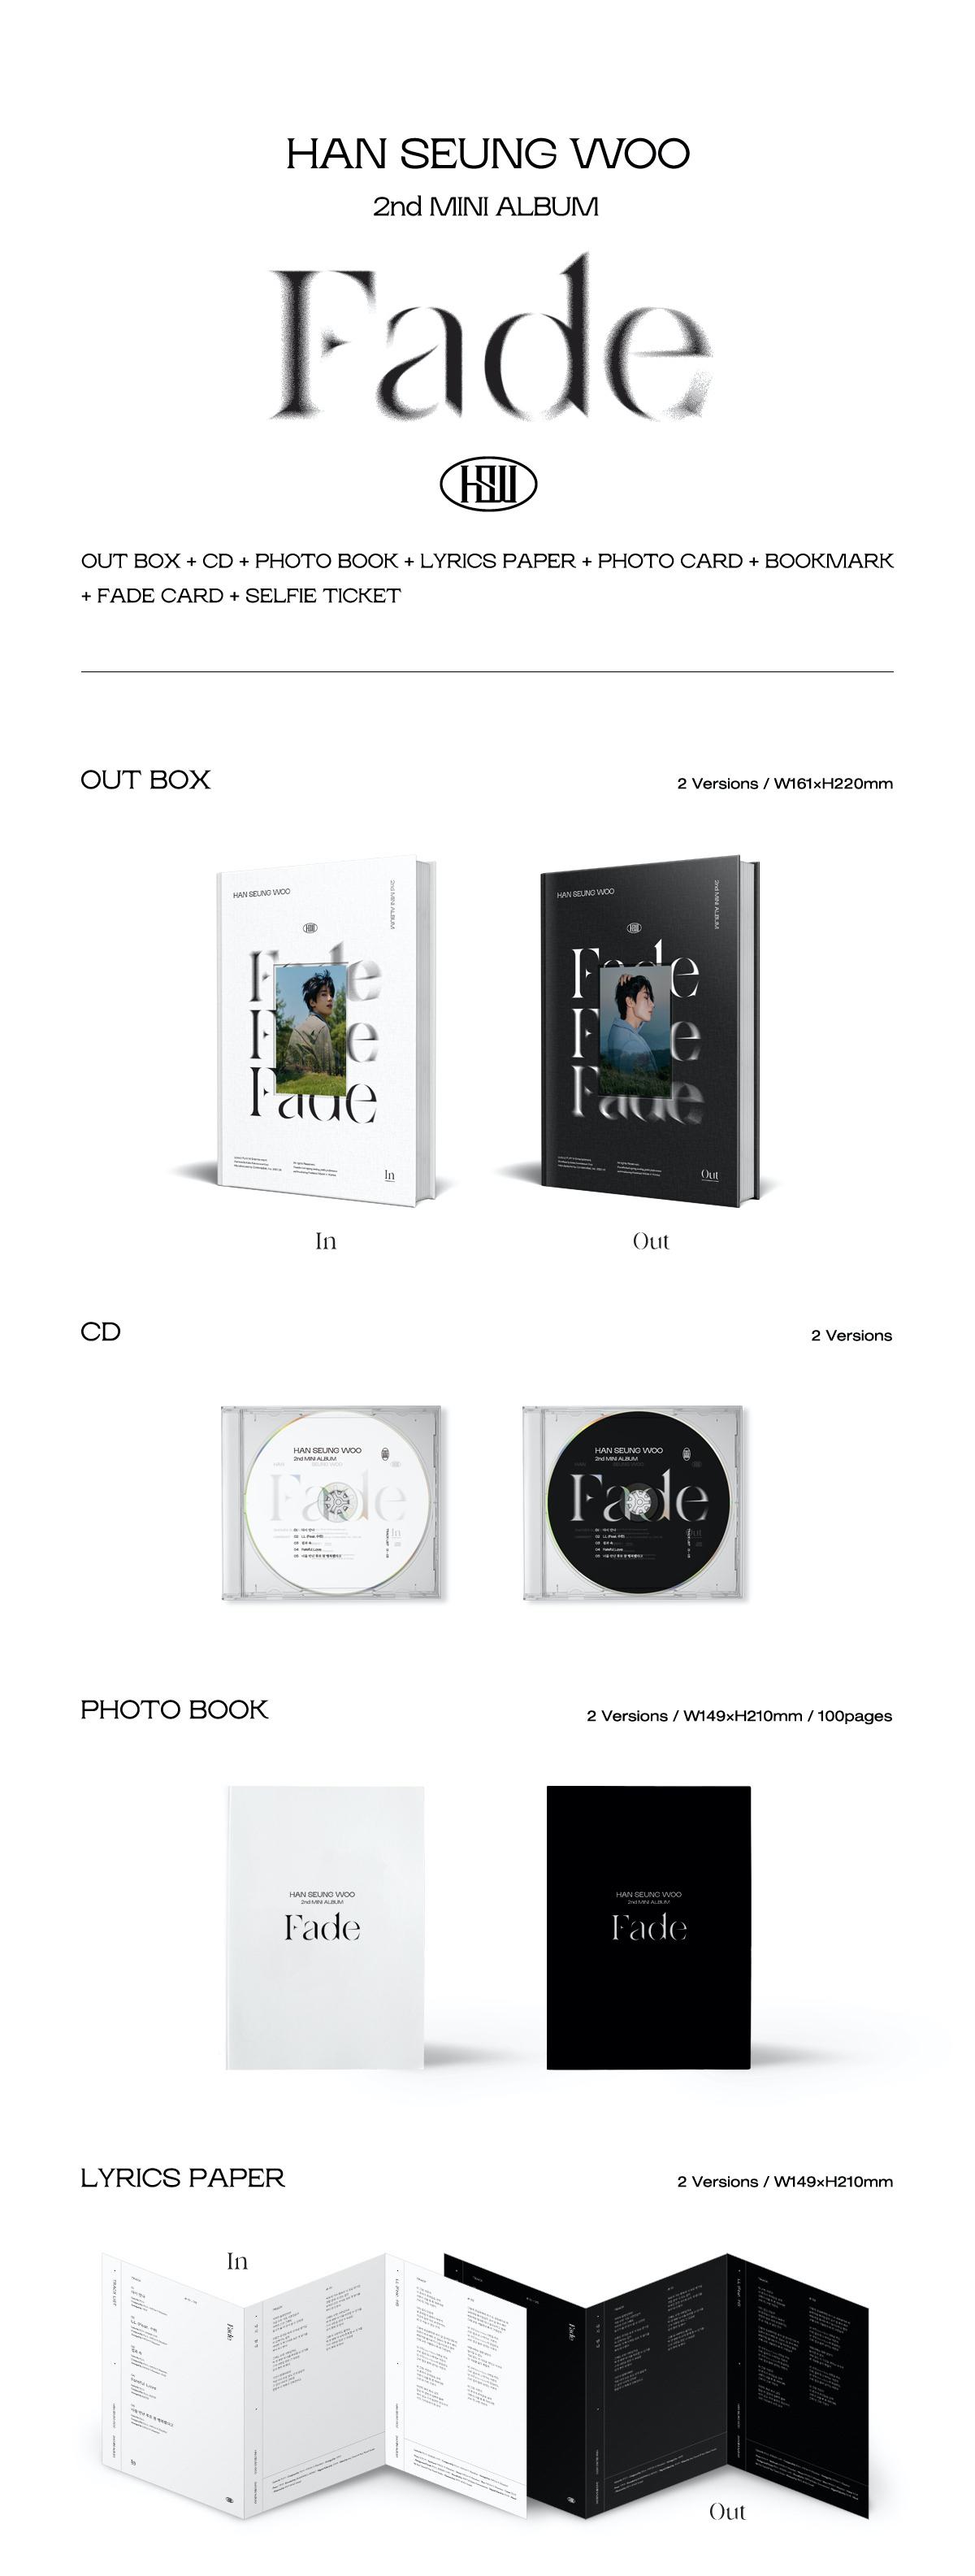 【7月12日開催/2部/2枚セット購入用】ハン・スンウ 2nd Mini Album [Fade]【オンライン握手会抽選対象】